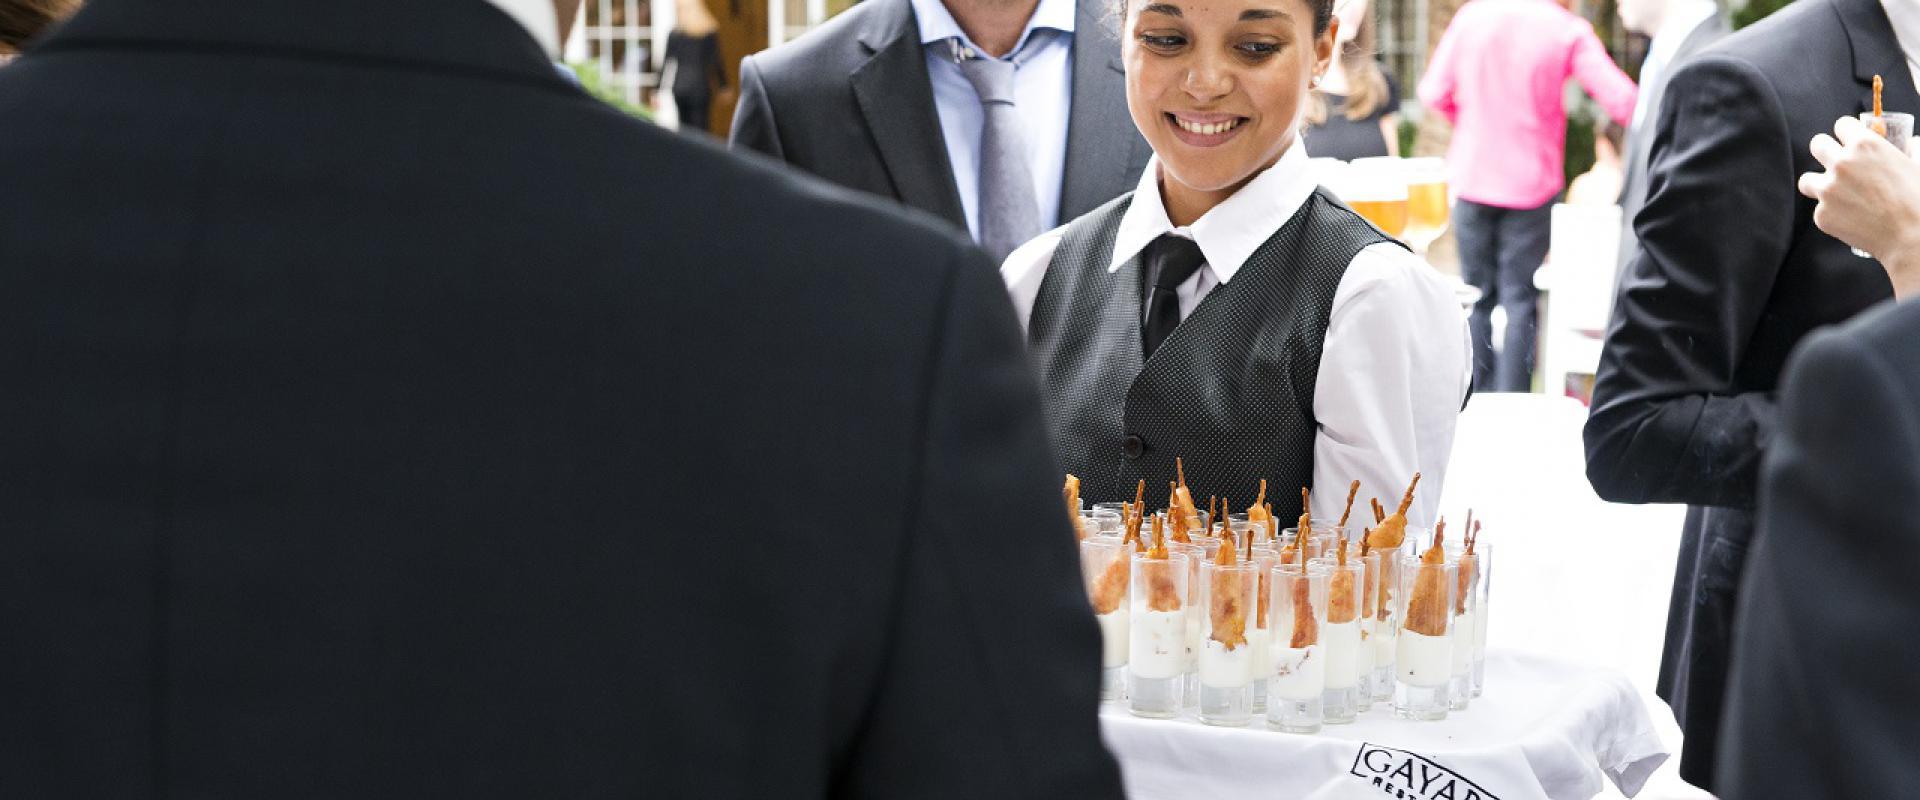 Los mejores eventos y reuniones empresariales